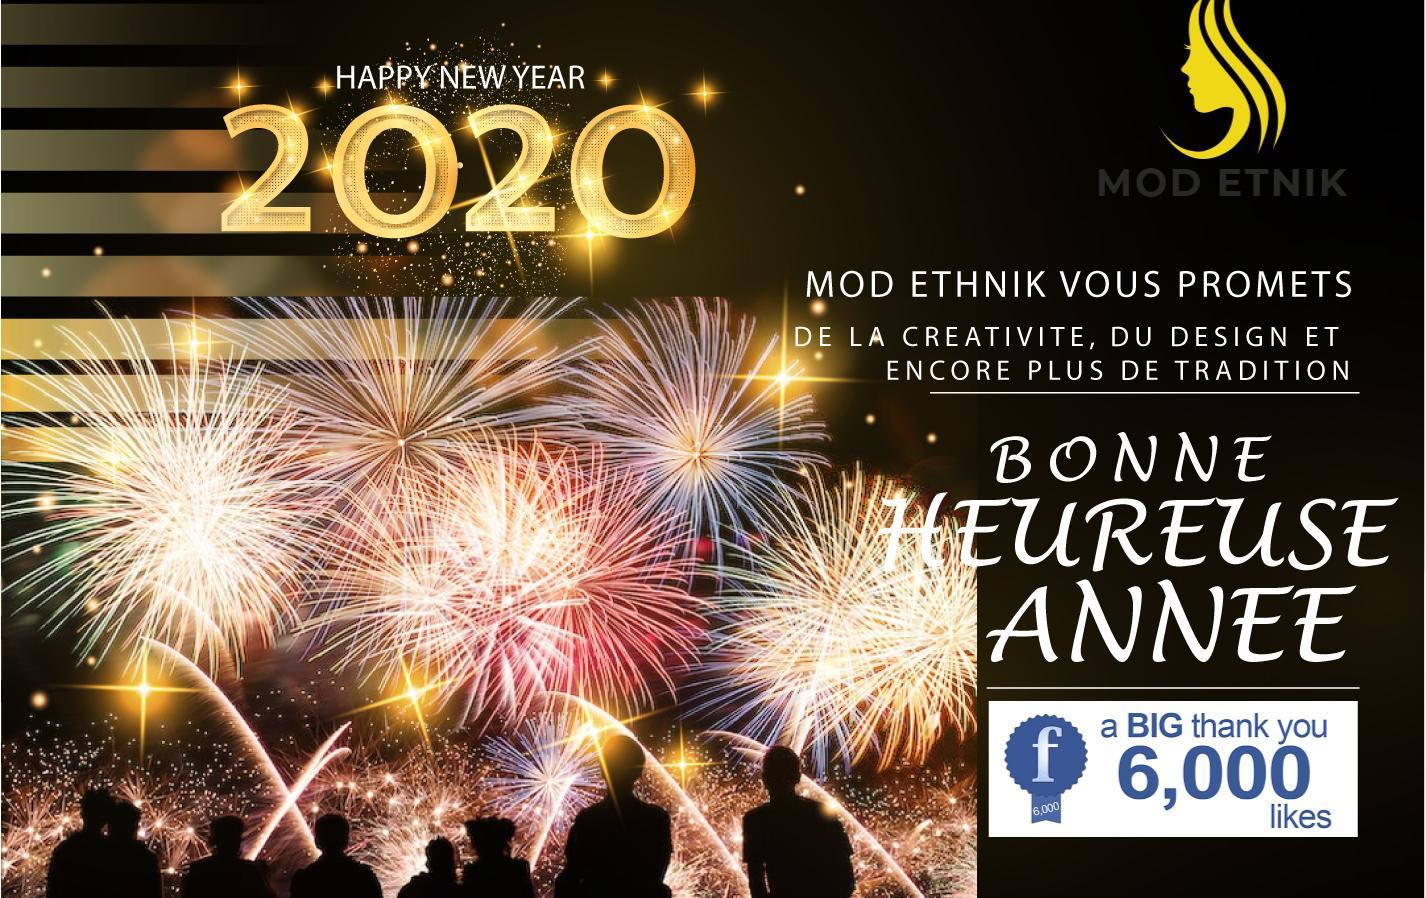 Bannière nouvelle année Mod Etnik